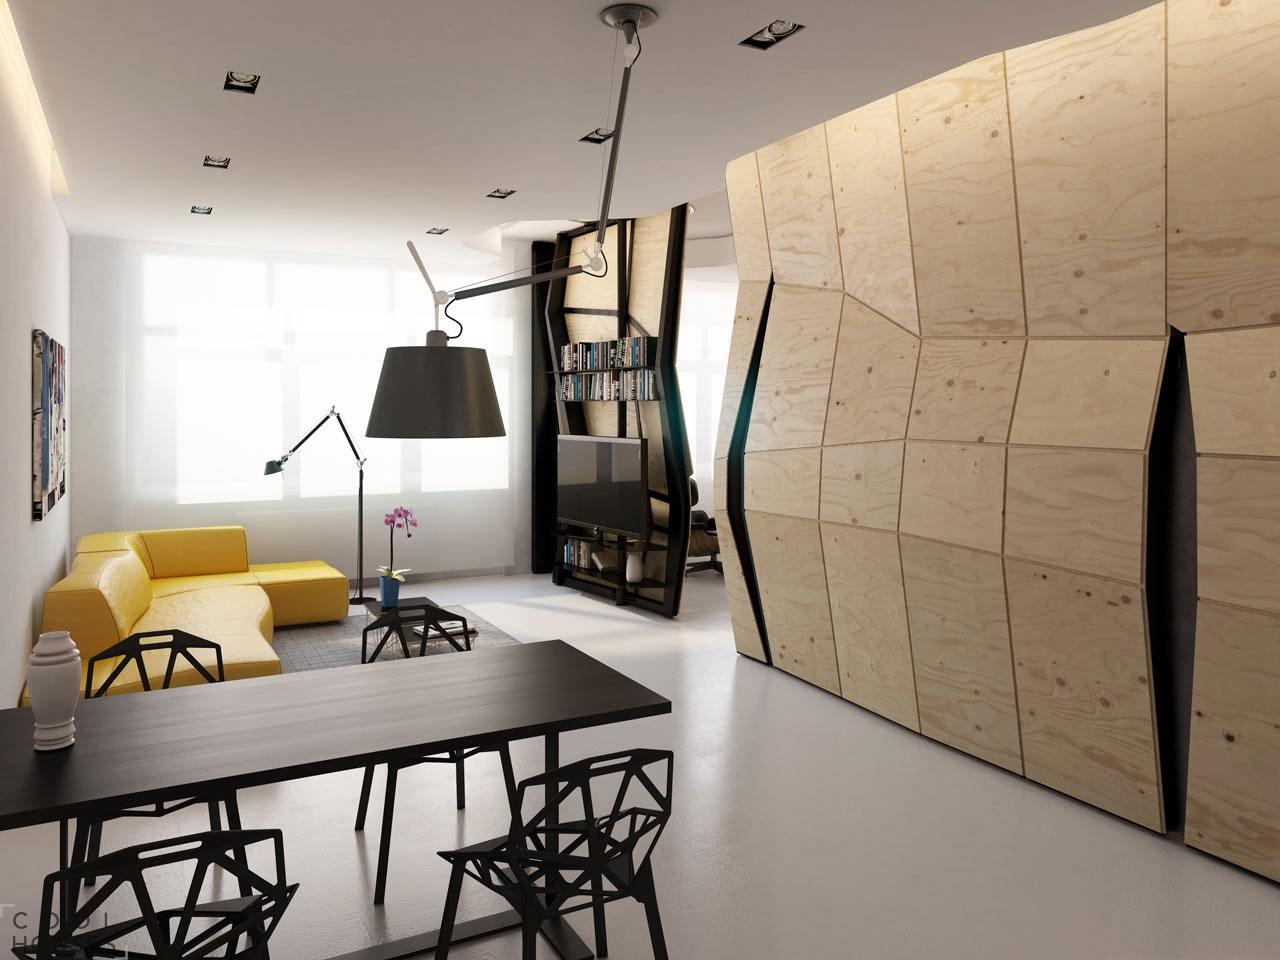 Трансформирующаяся квартира - проект Влада Мишина